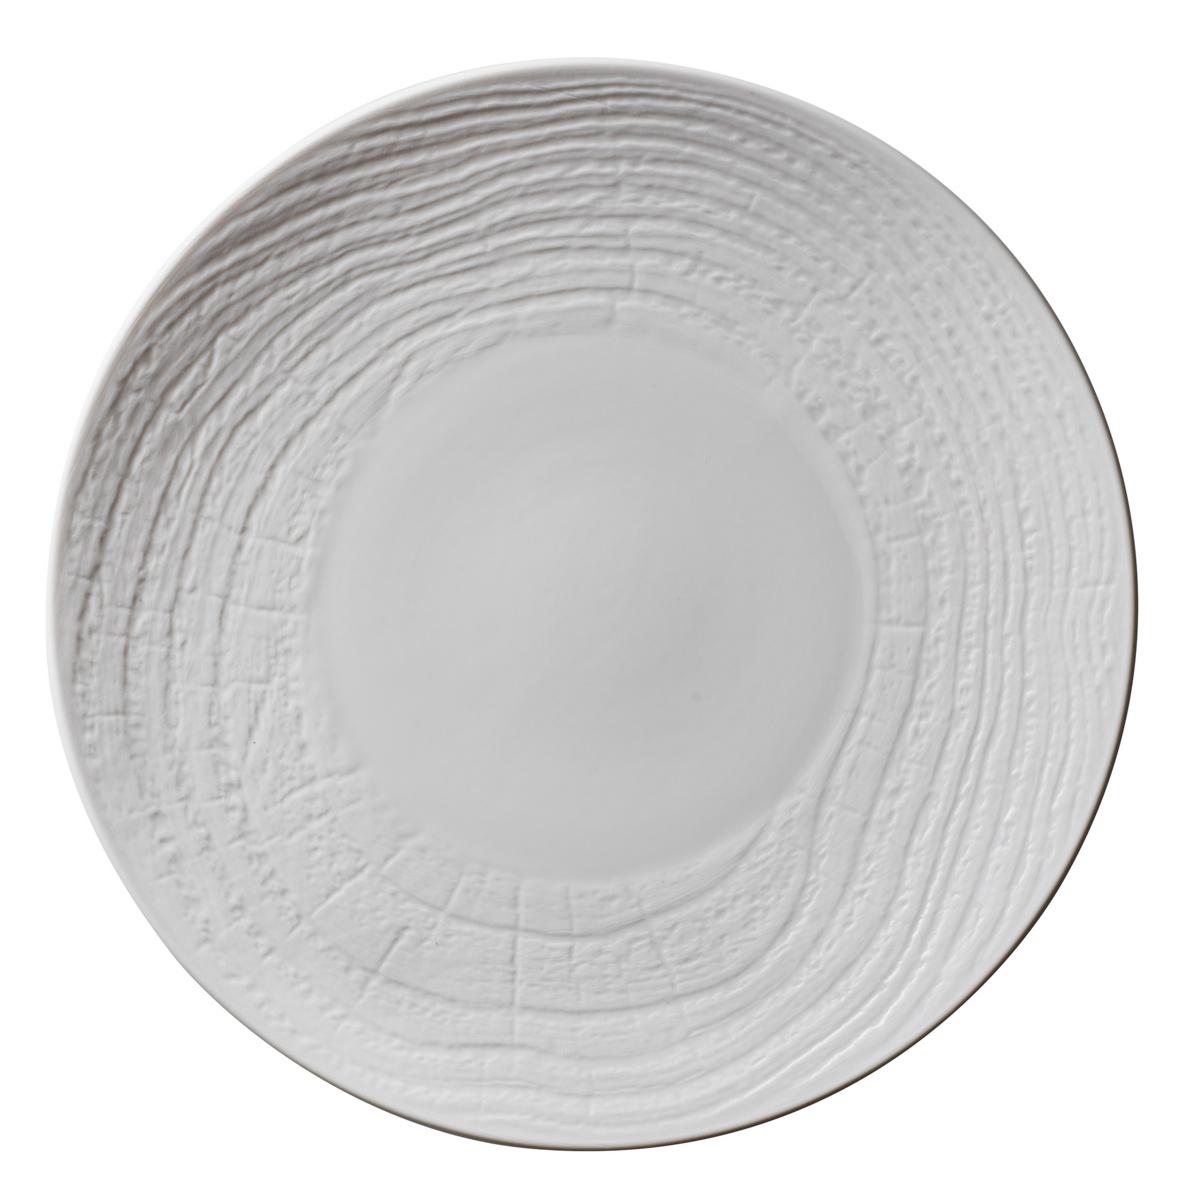 Assiette coupe plate ronde ivoire porcelaine Ø 28,30 cm Arborescence Revol